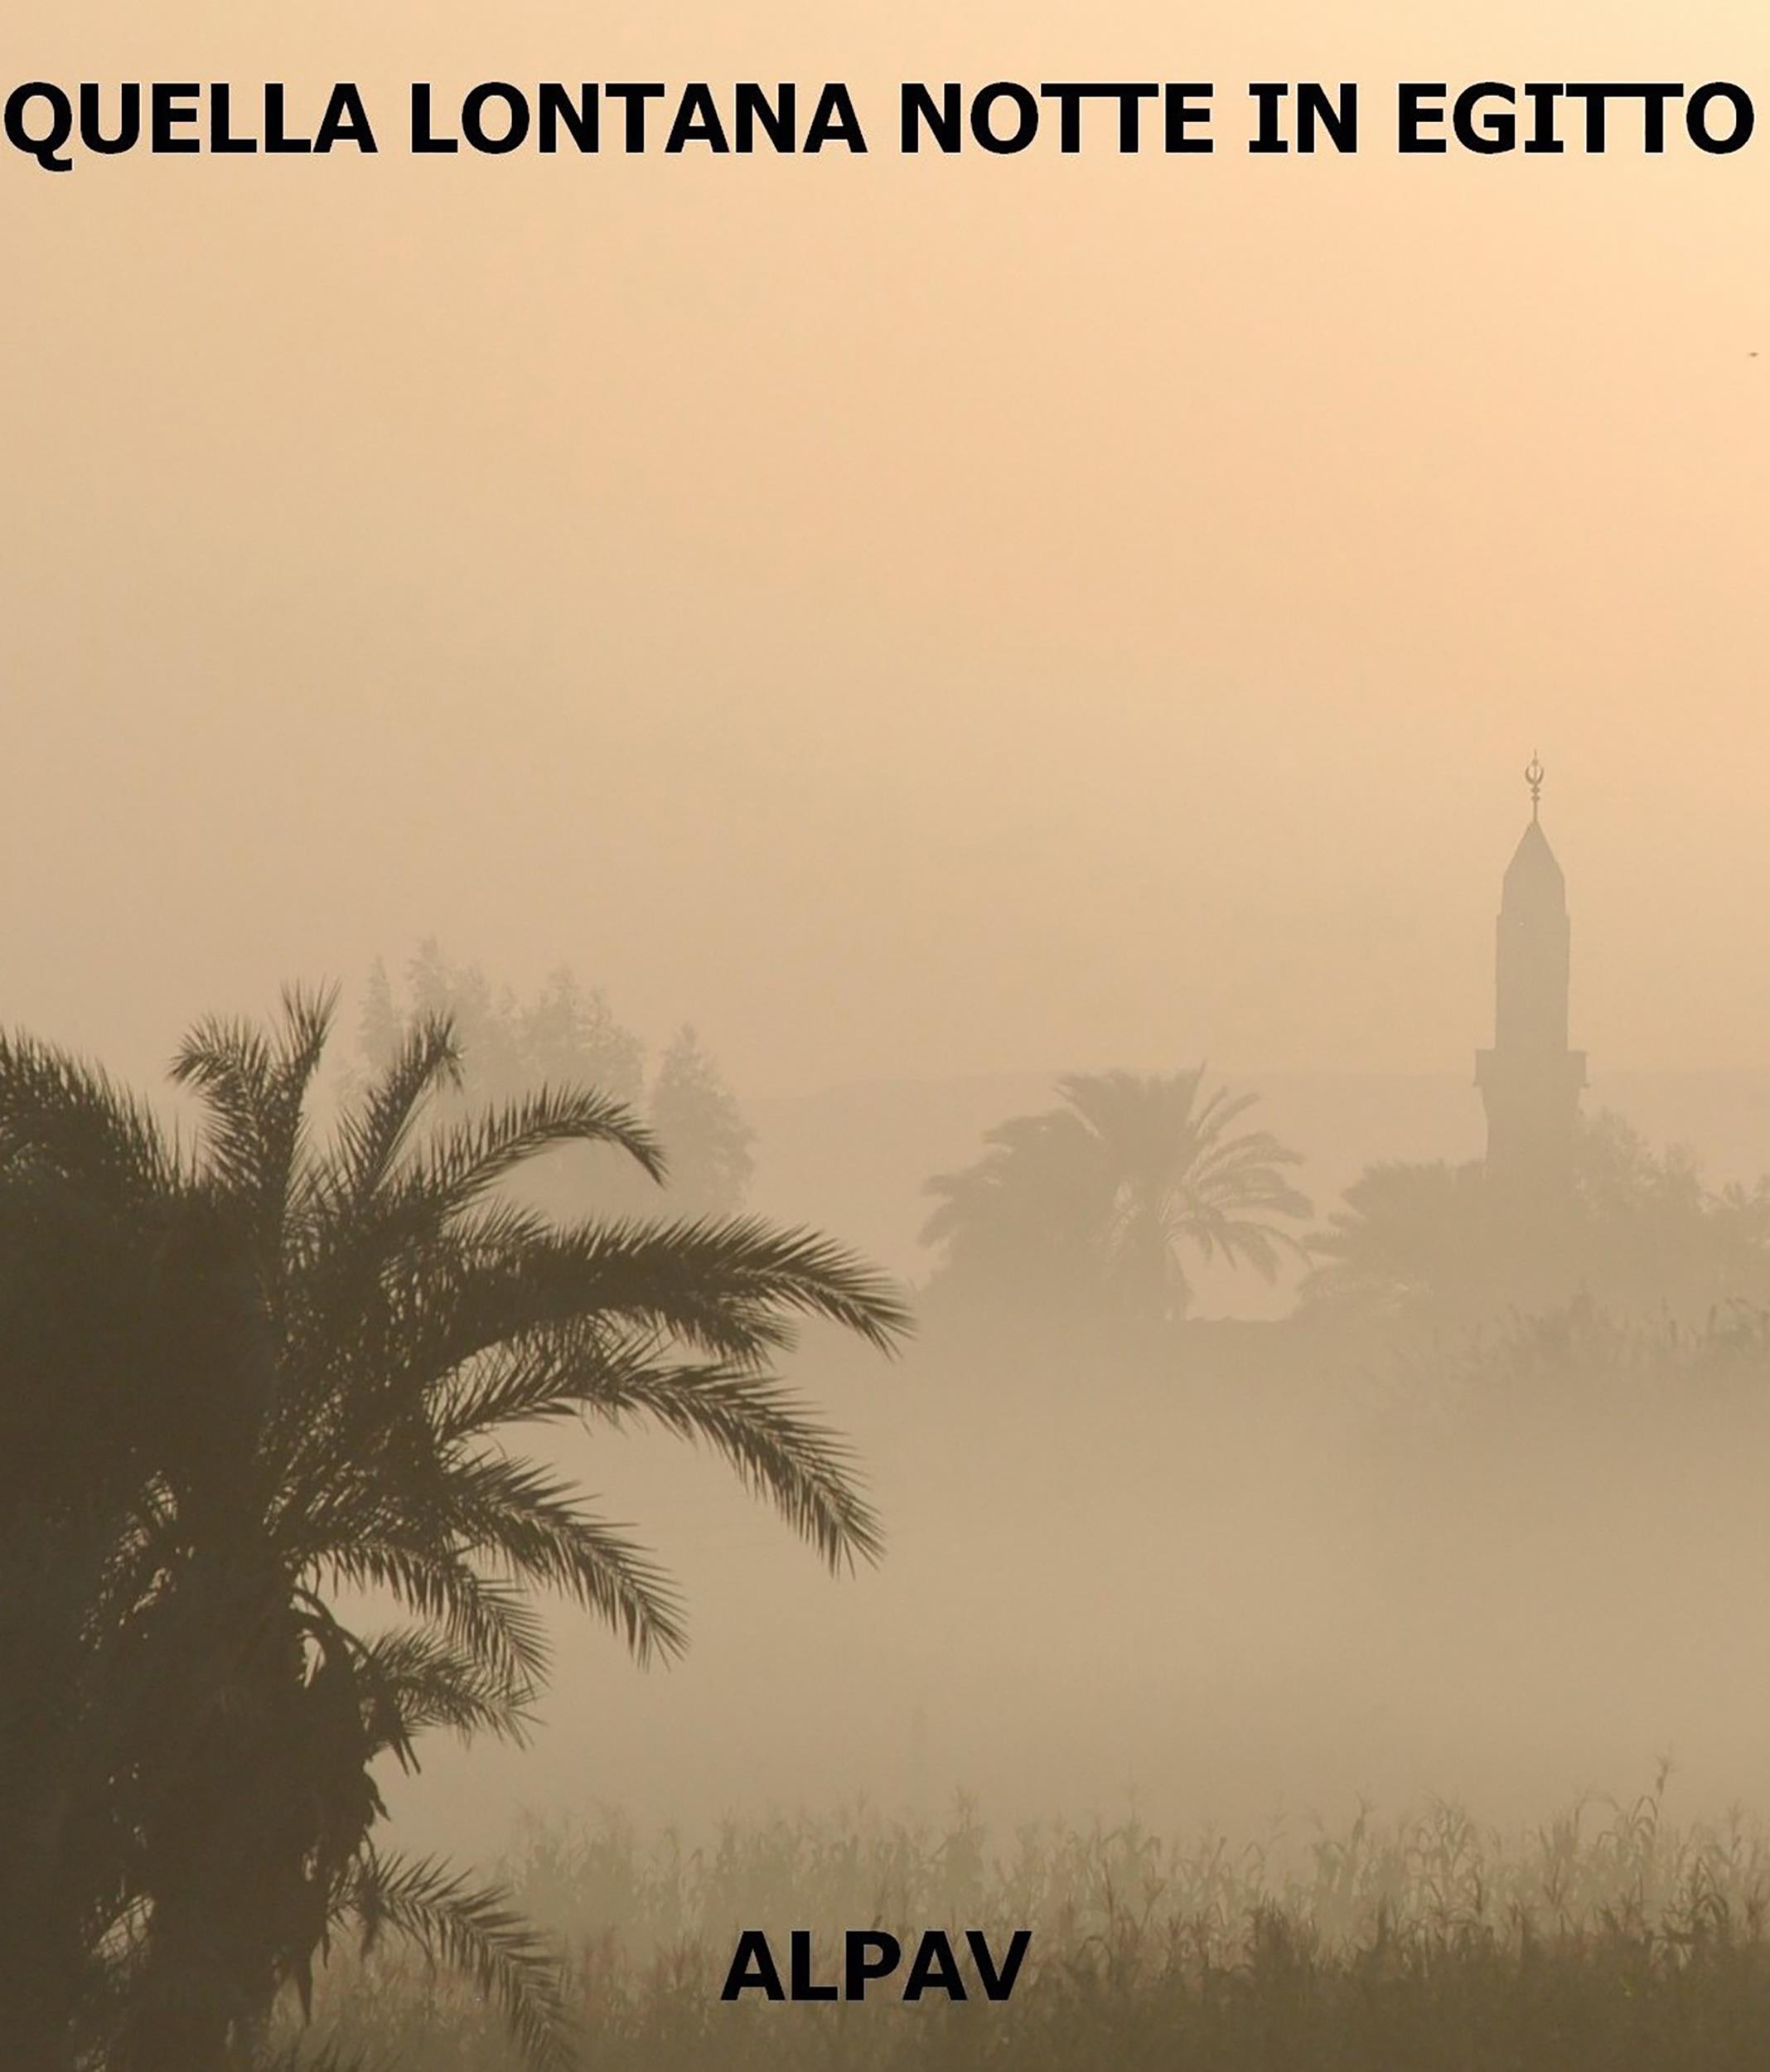 Quella lontana notte in Egitto